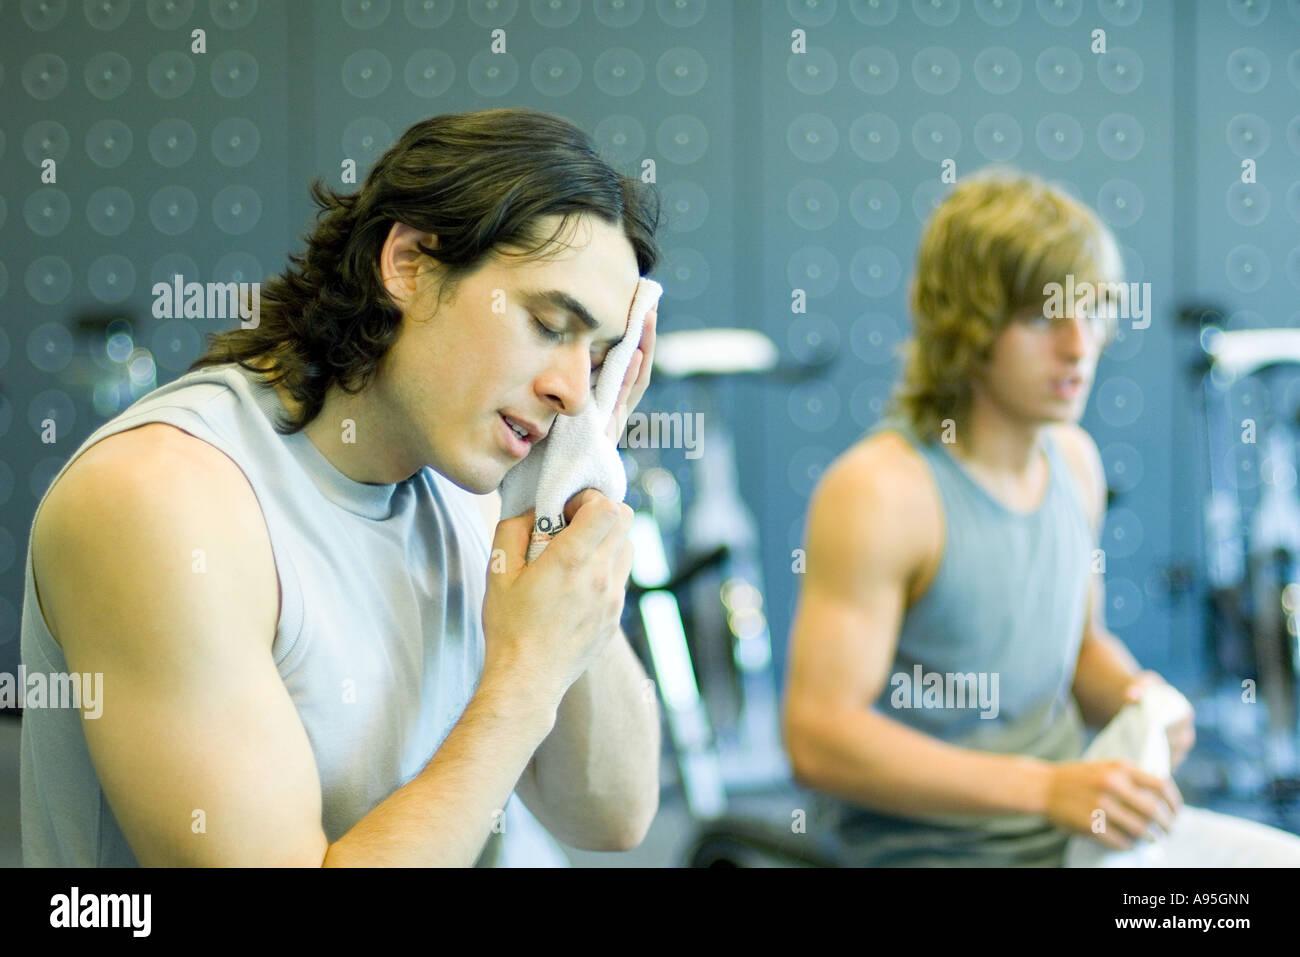 Los hombres en el gimnasio, una cara de barrido Imagen De Stock